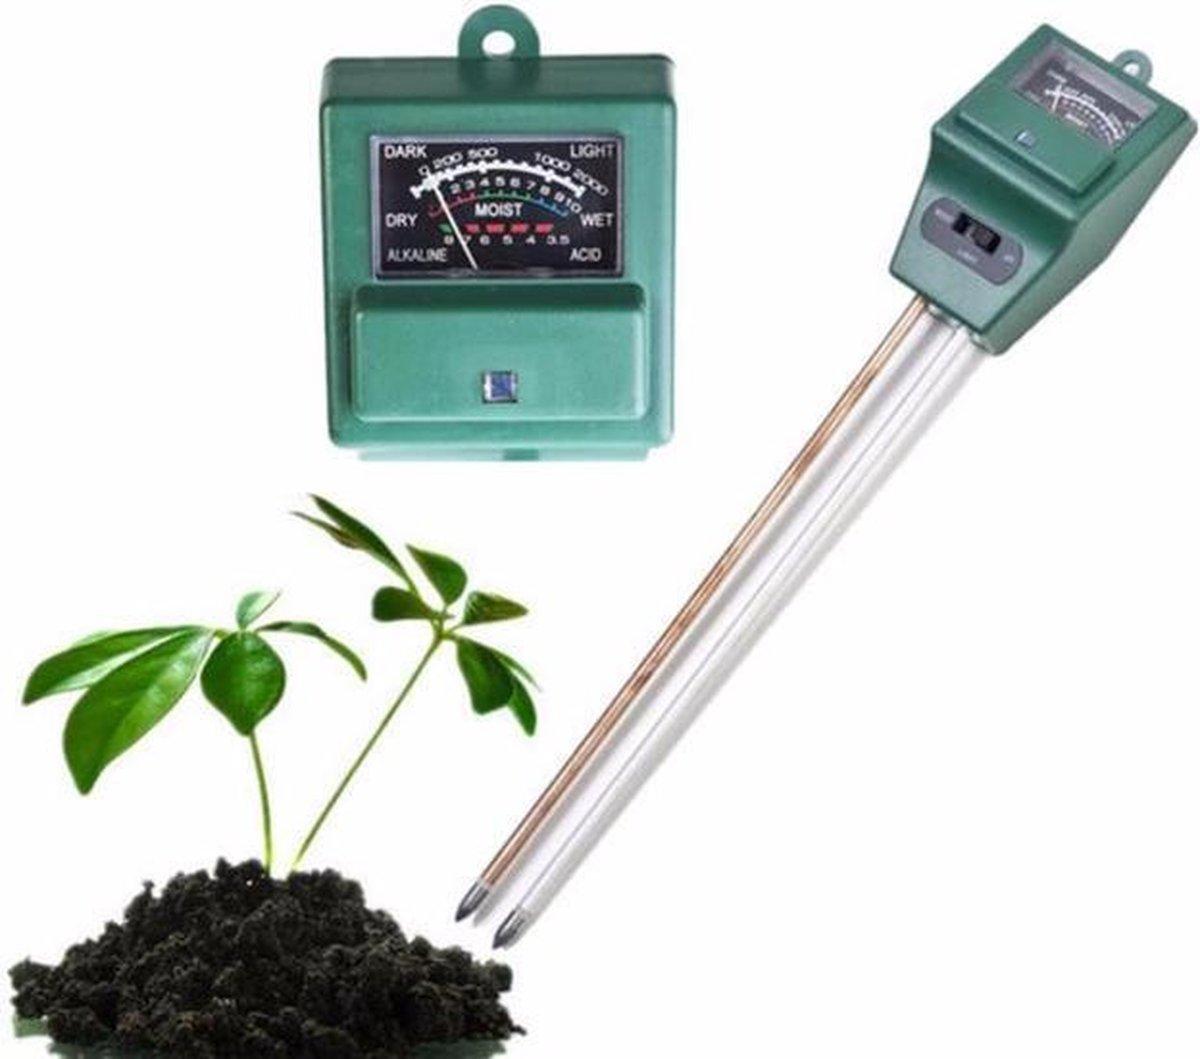 PH meter 3 IN 1 grond meter voor planten en tuin - Licht, vocht, PH - Levay